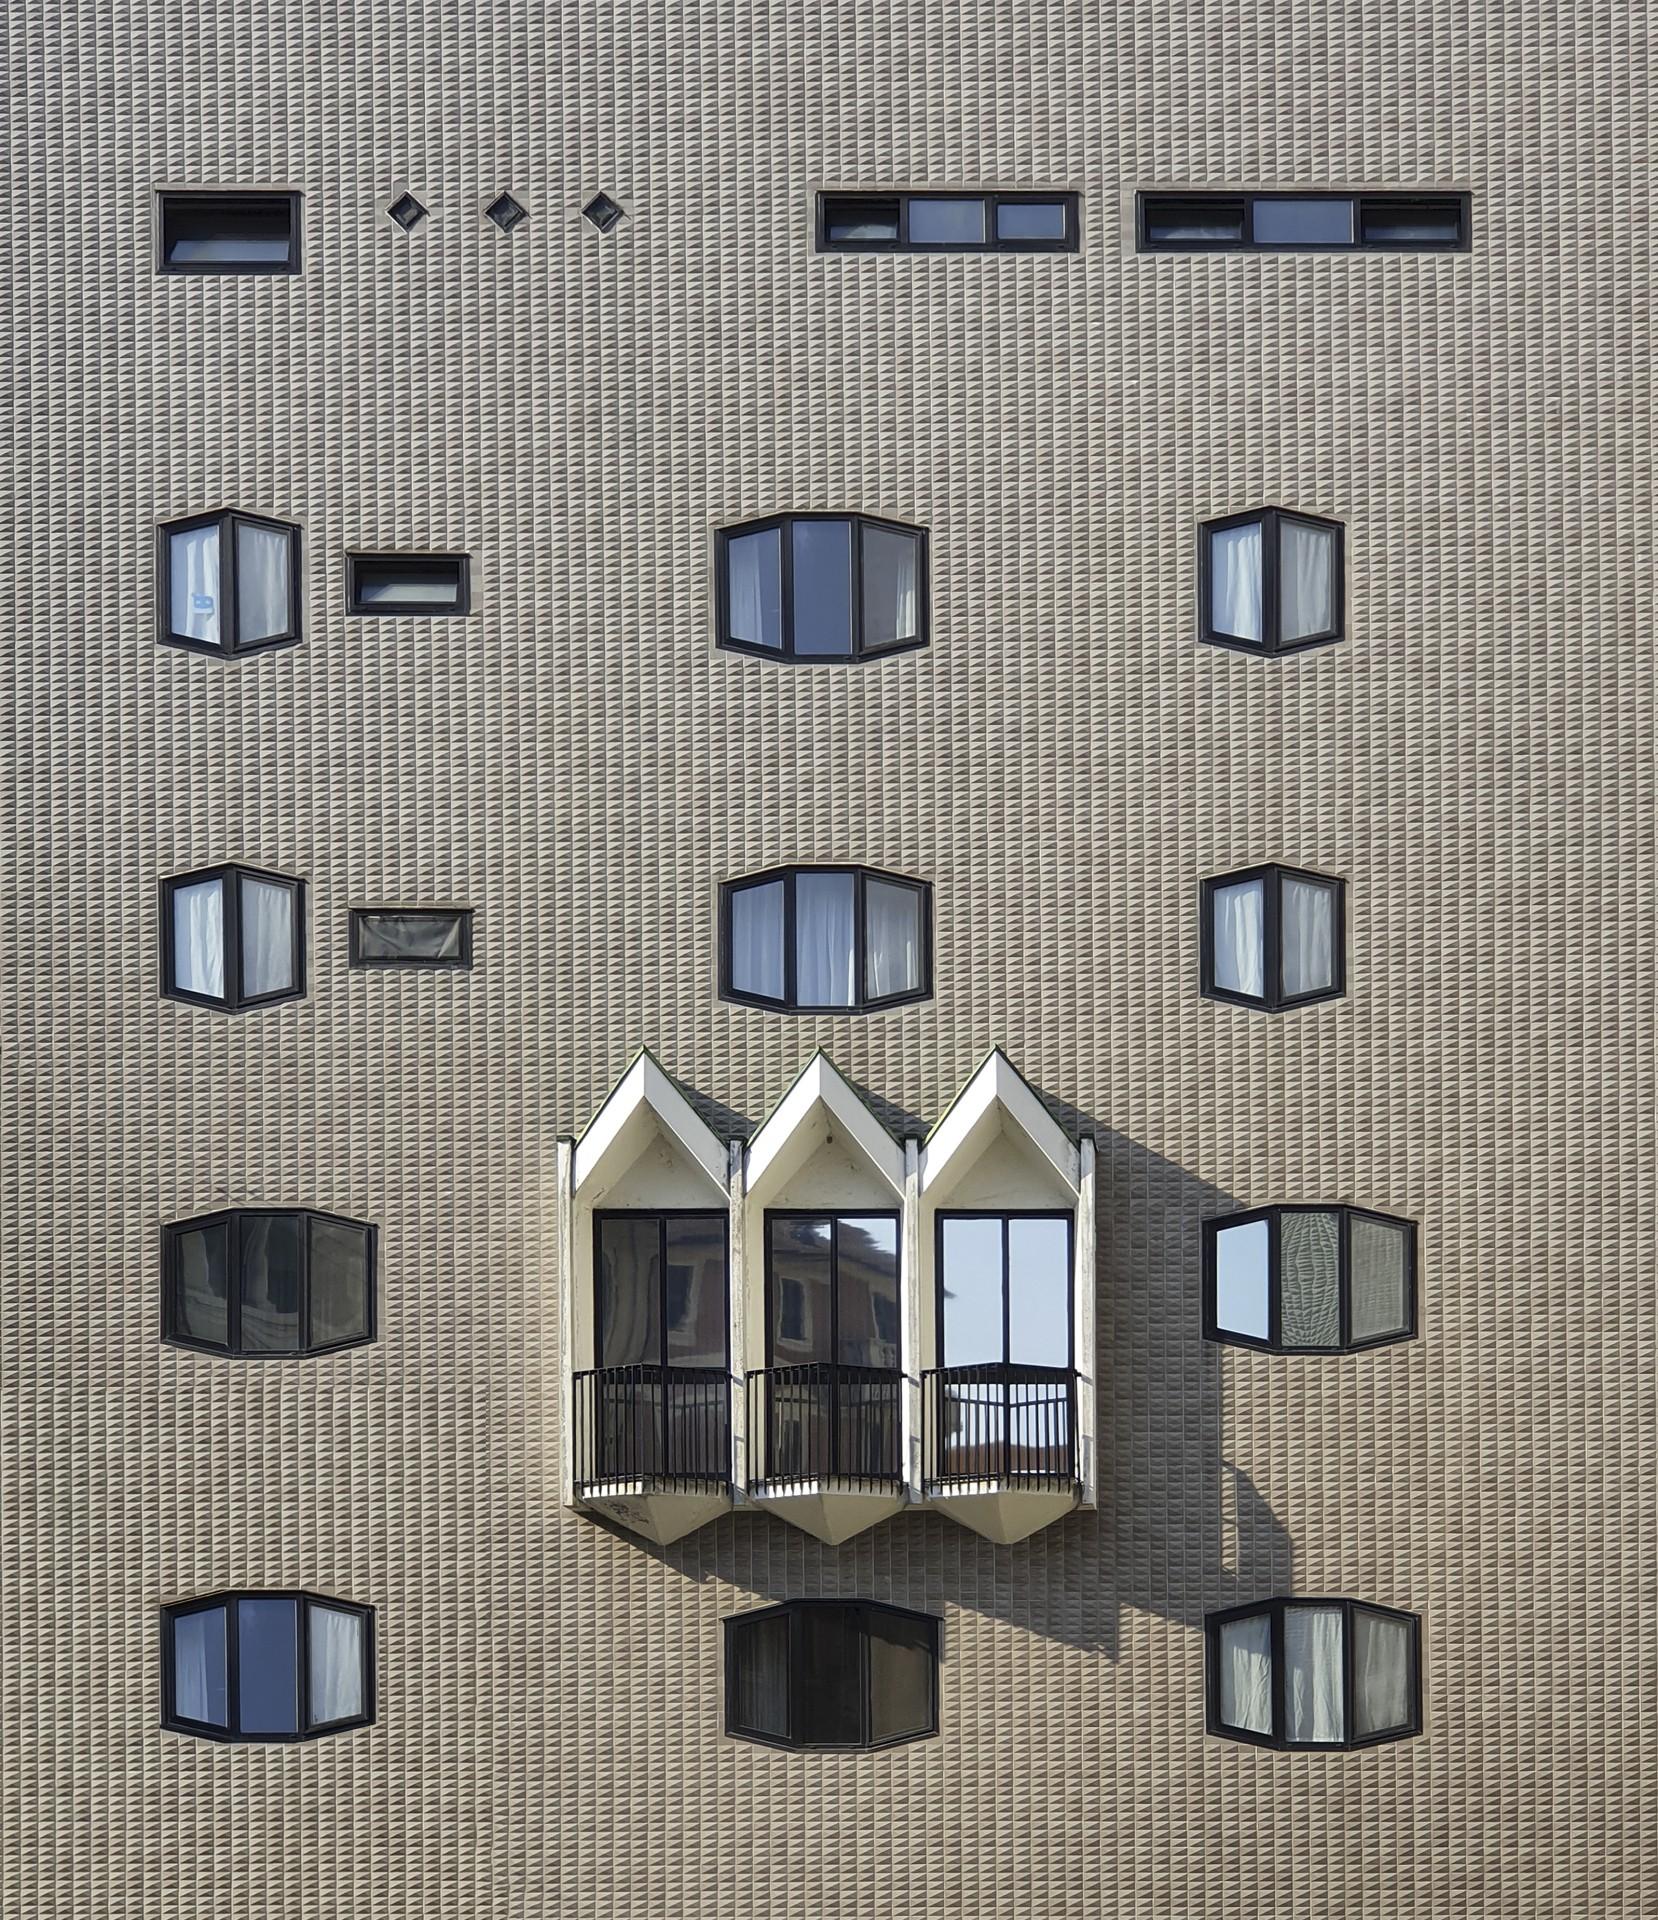 Fotogrammi Urbani